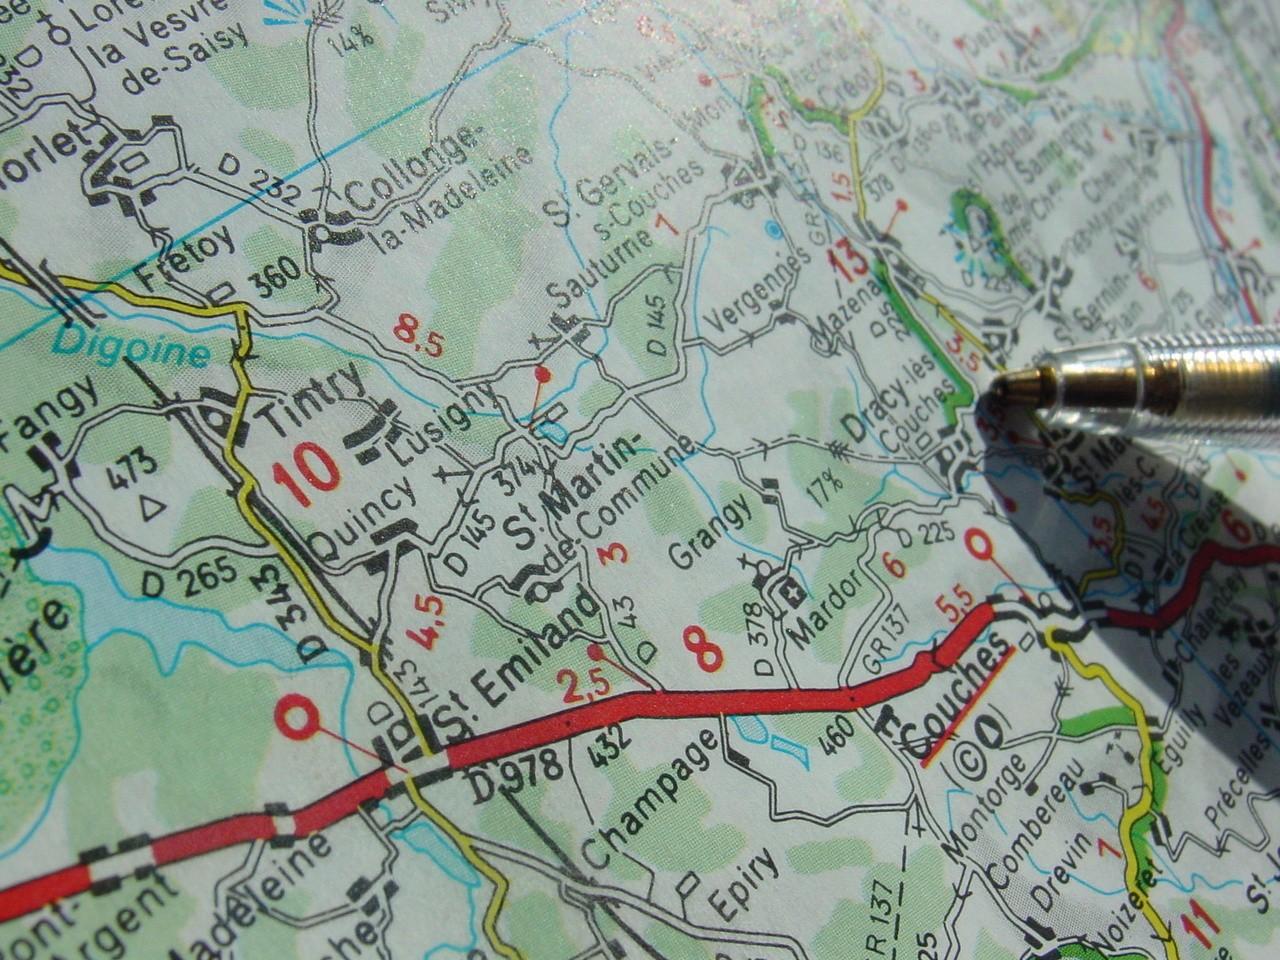 Stosowanie zaawansowanych systemów nawigacji satelitarnej gps9